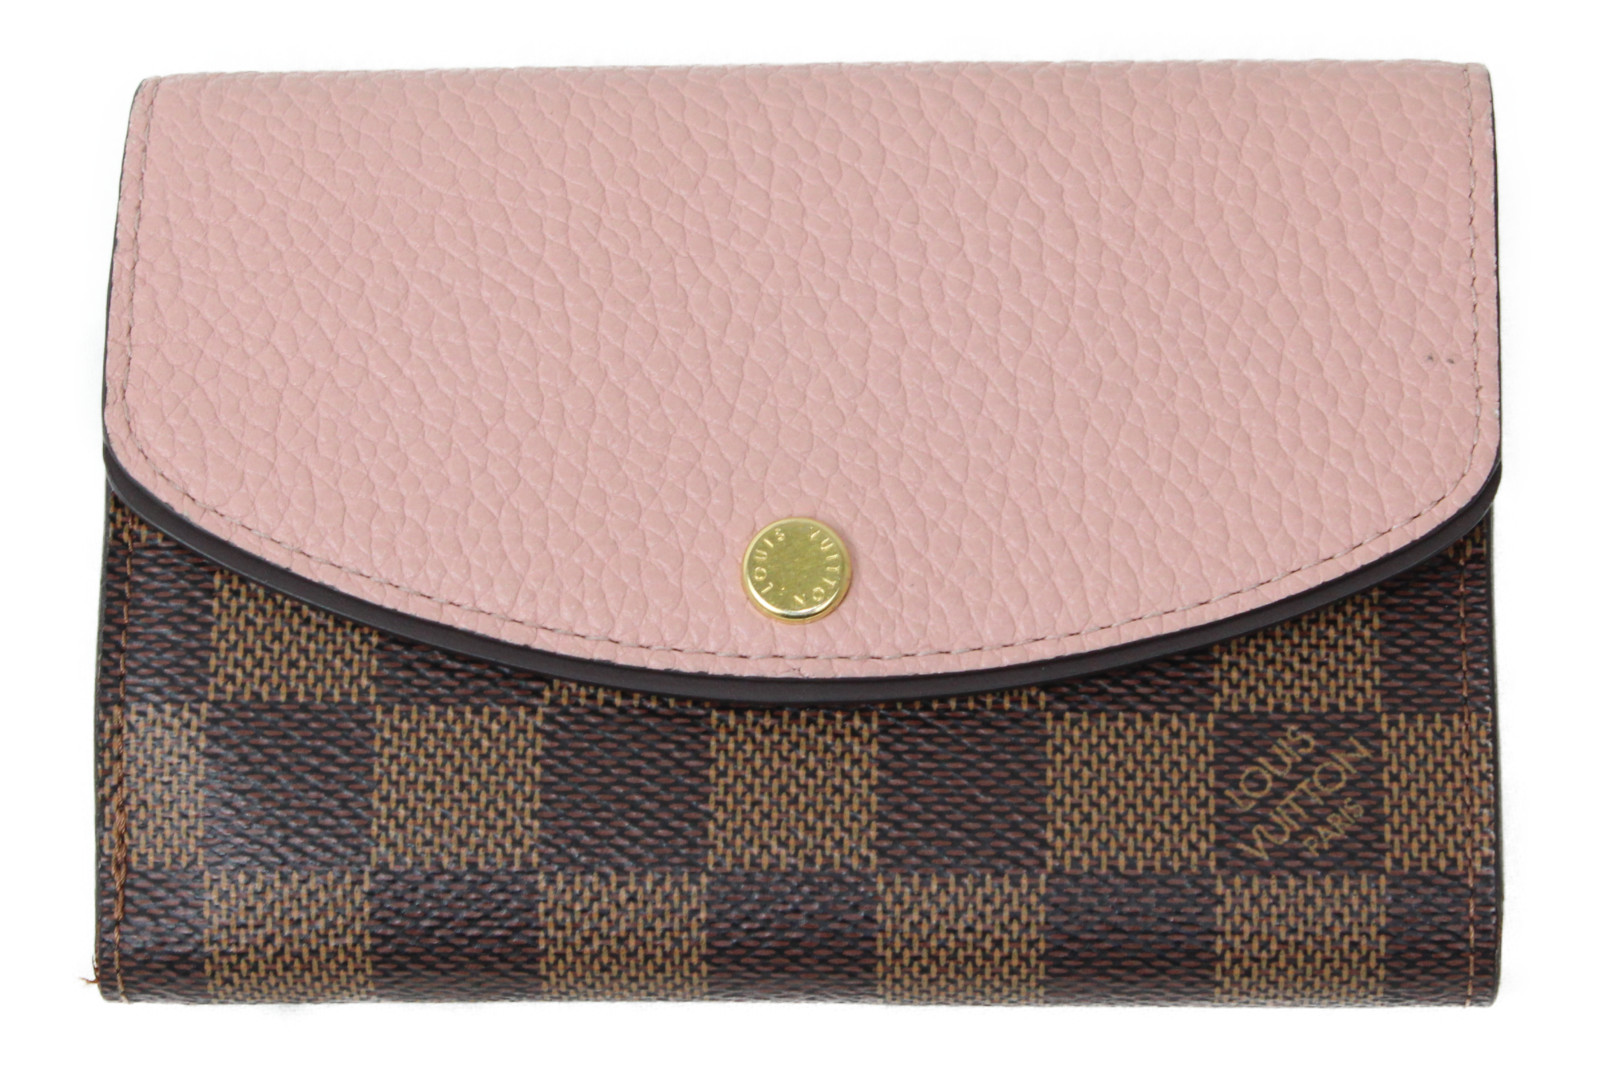 【箱、布袋有り】LOUIS VUITTON ルイヴィトン N60043 ポルトフォイユ・ノルマンディ ダミエ 二つ折り財布 レディース 女性 ブランド プレゼント ギフト 【中古】